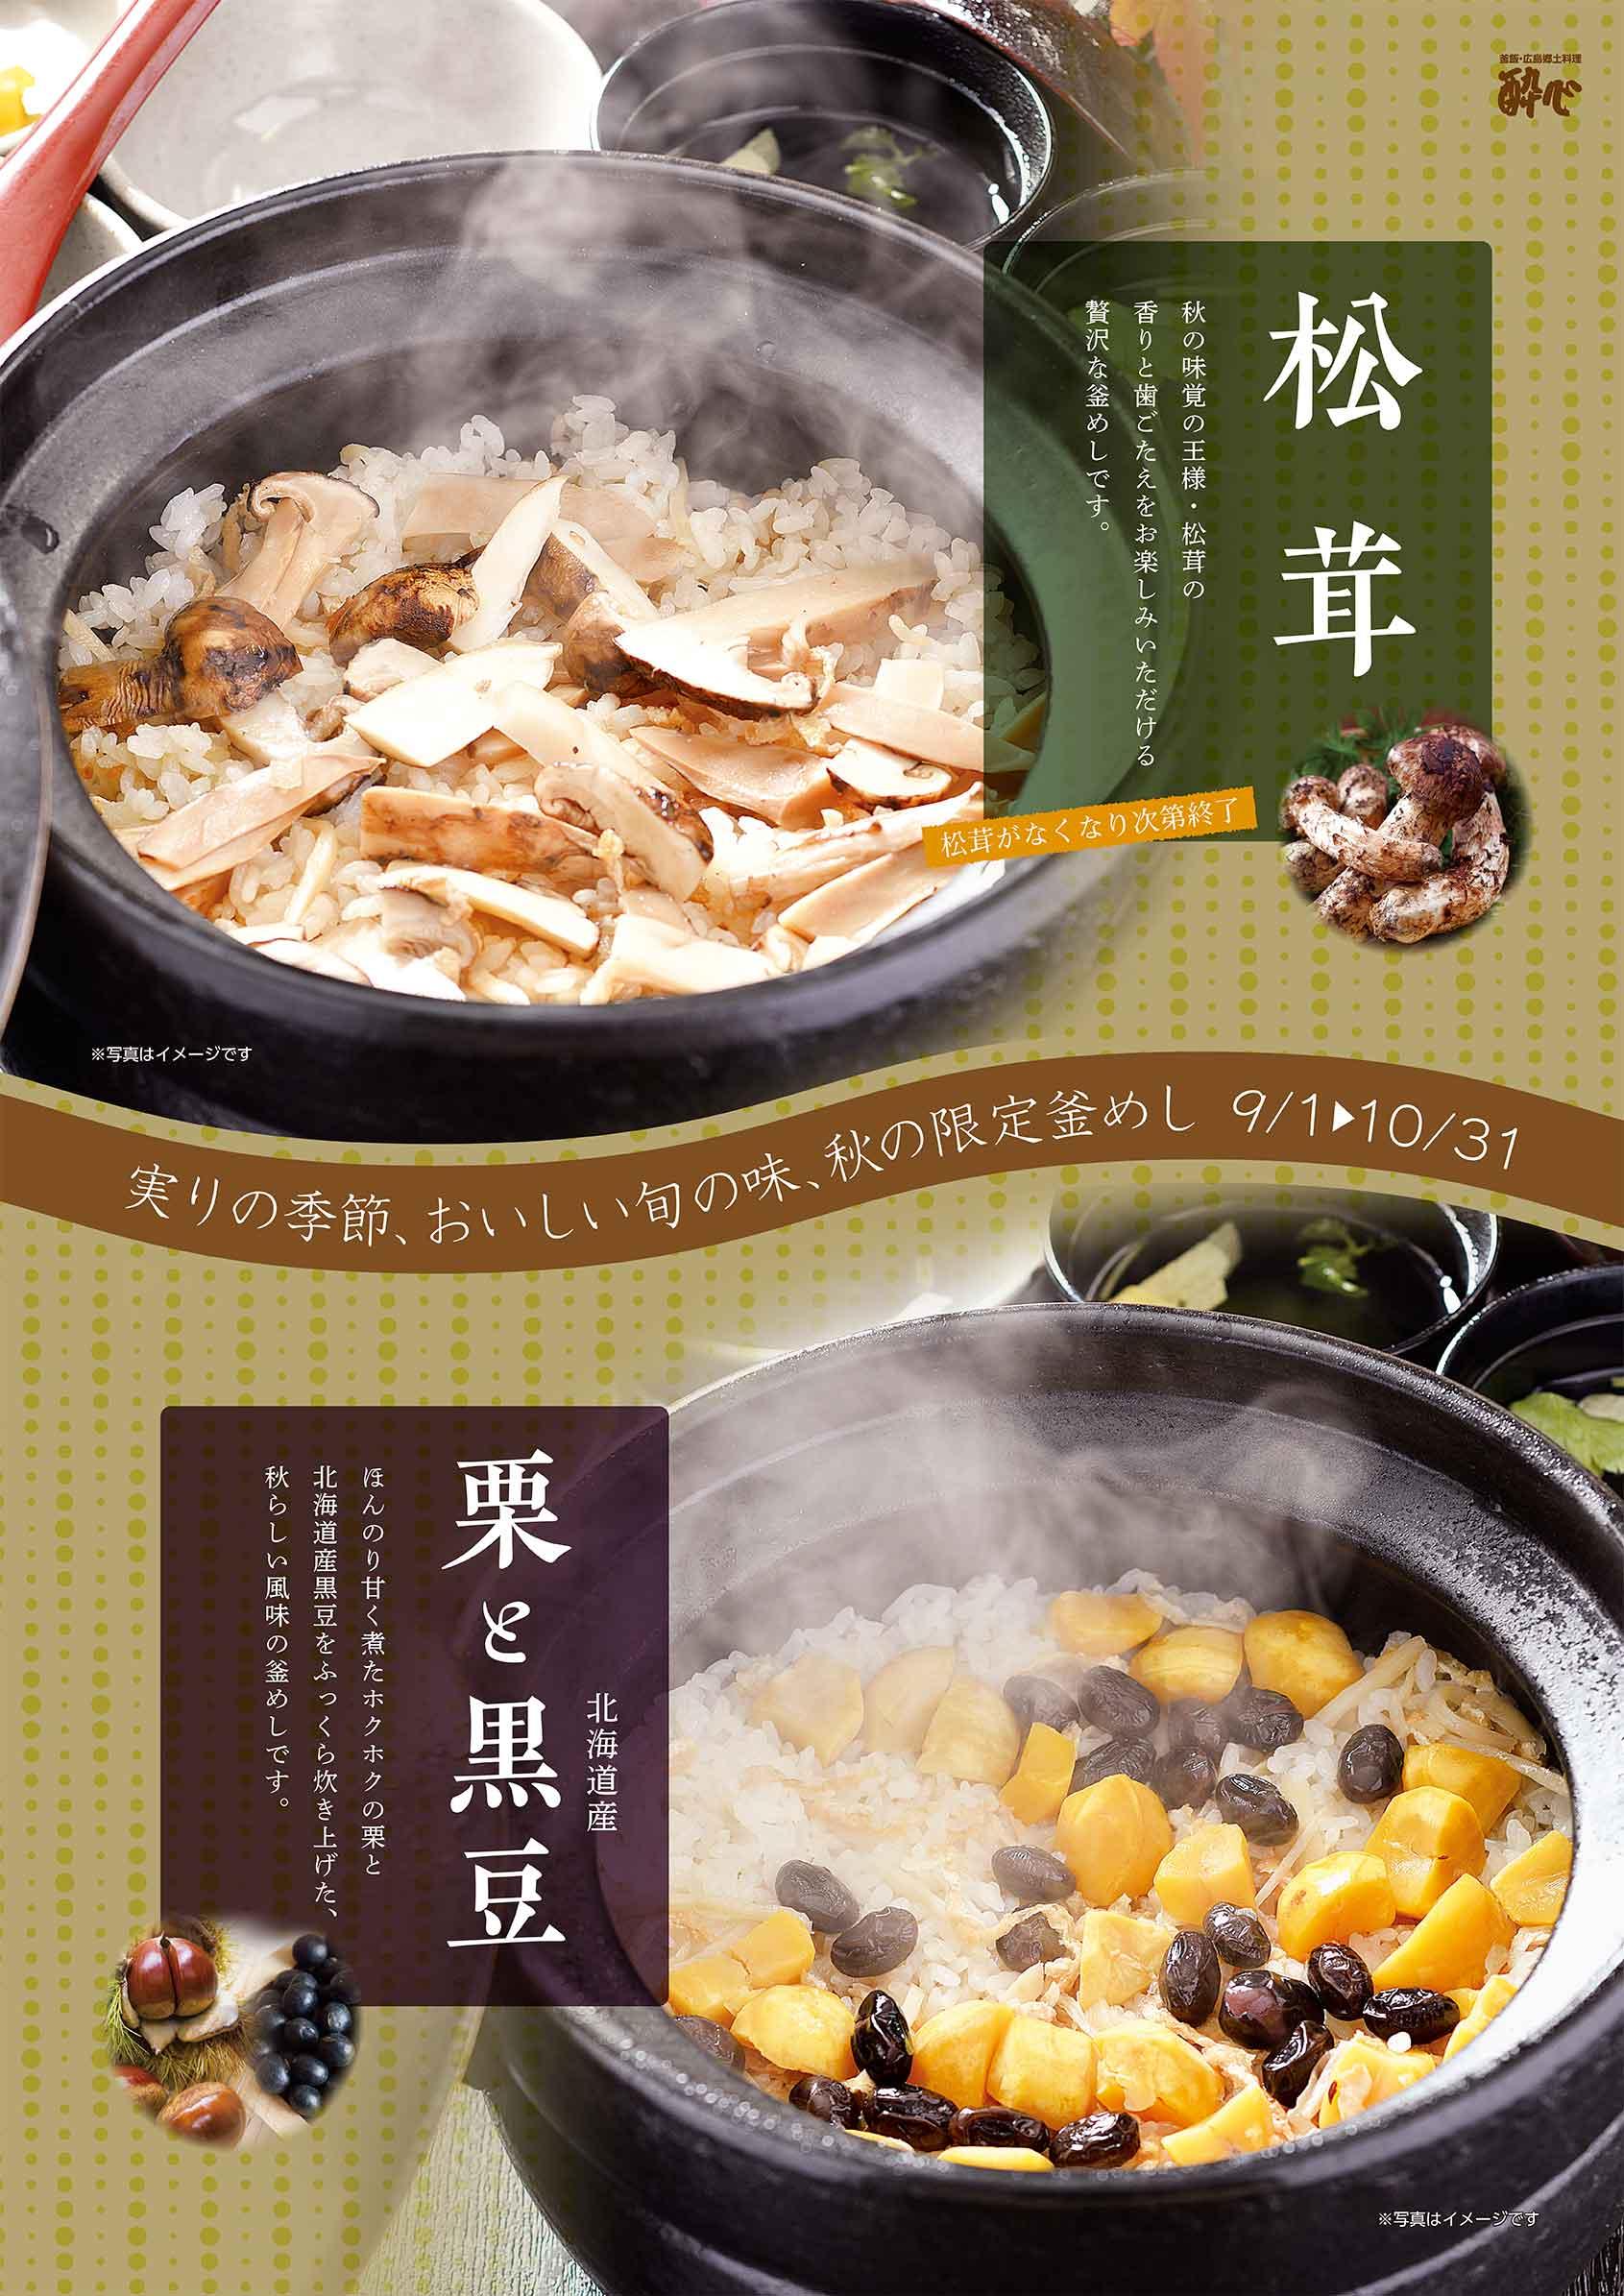 【ekie店9・10・11月限定】「松茸」「栗と黒豆」釜飯